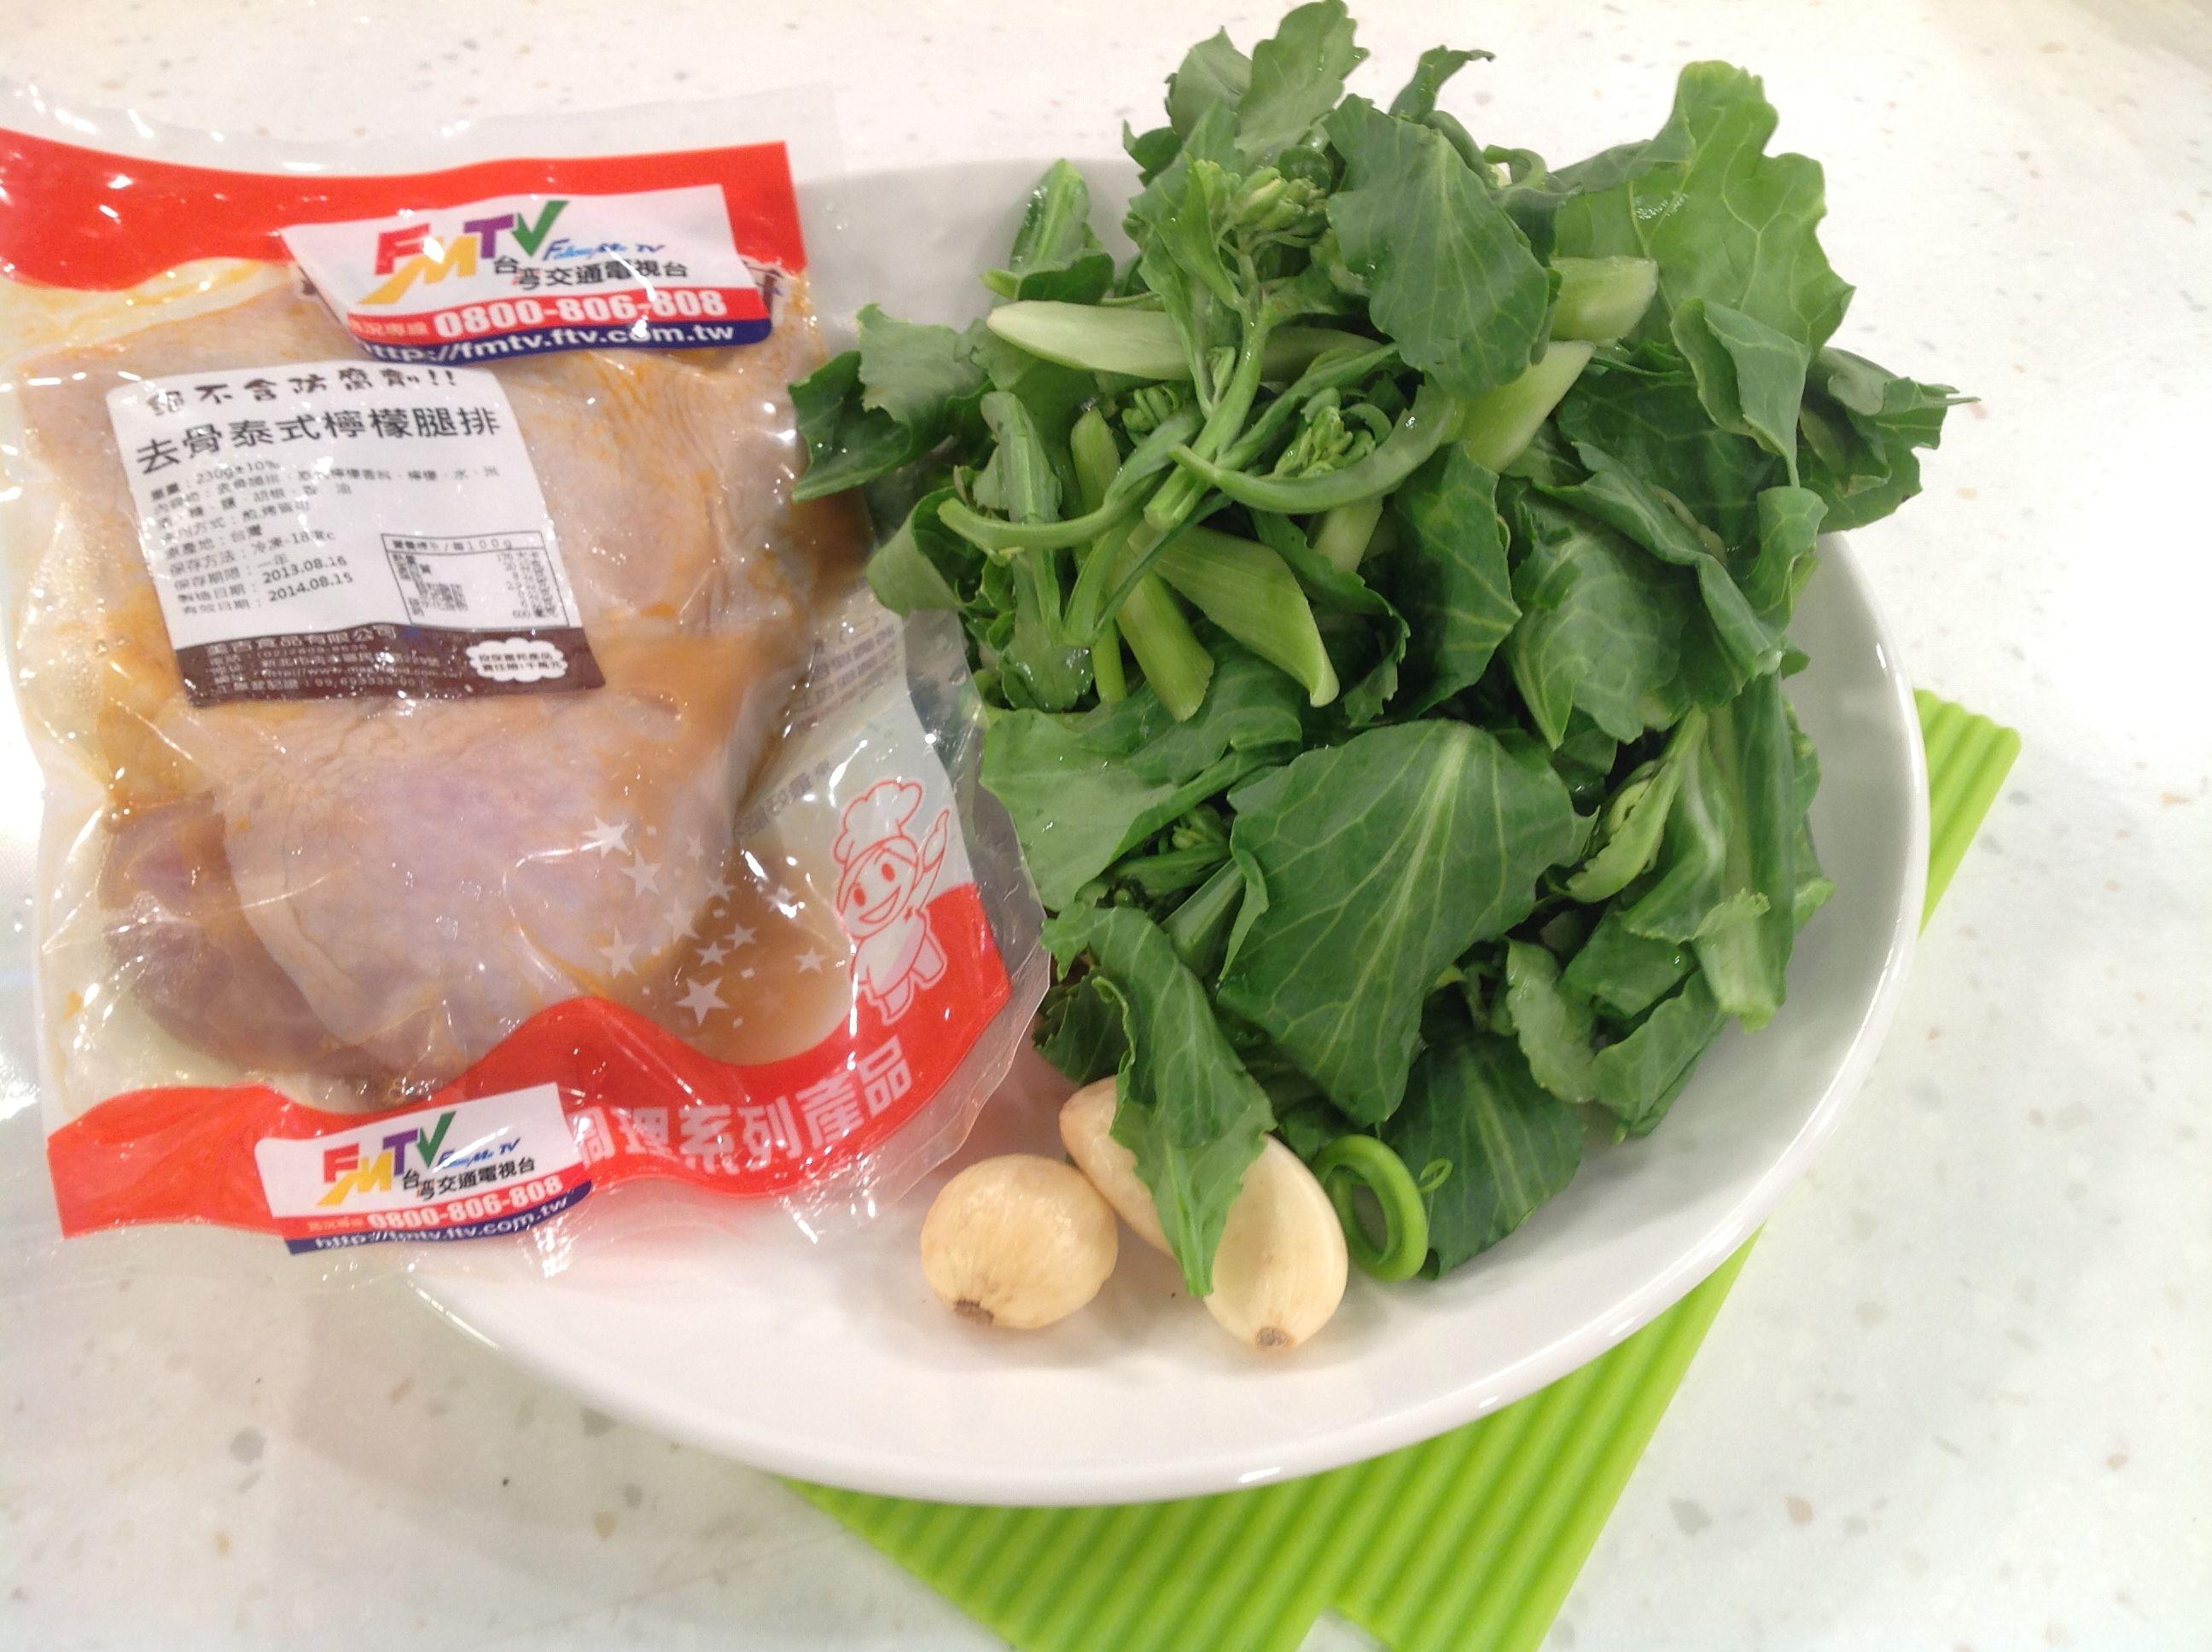 香煎雞腿蠔油芥藍菜食材